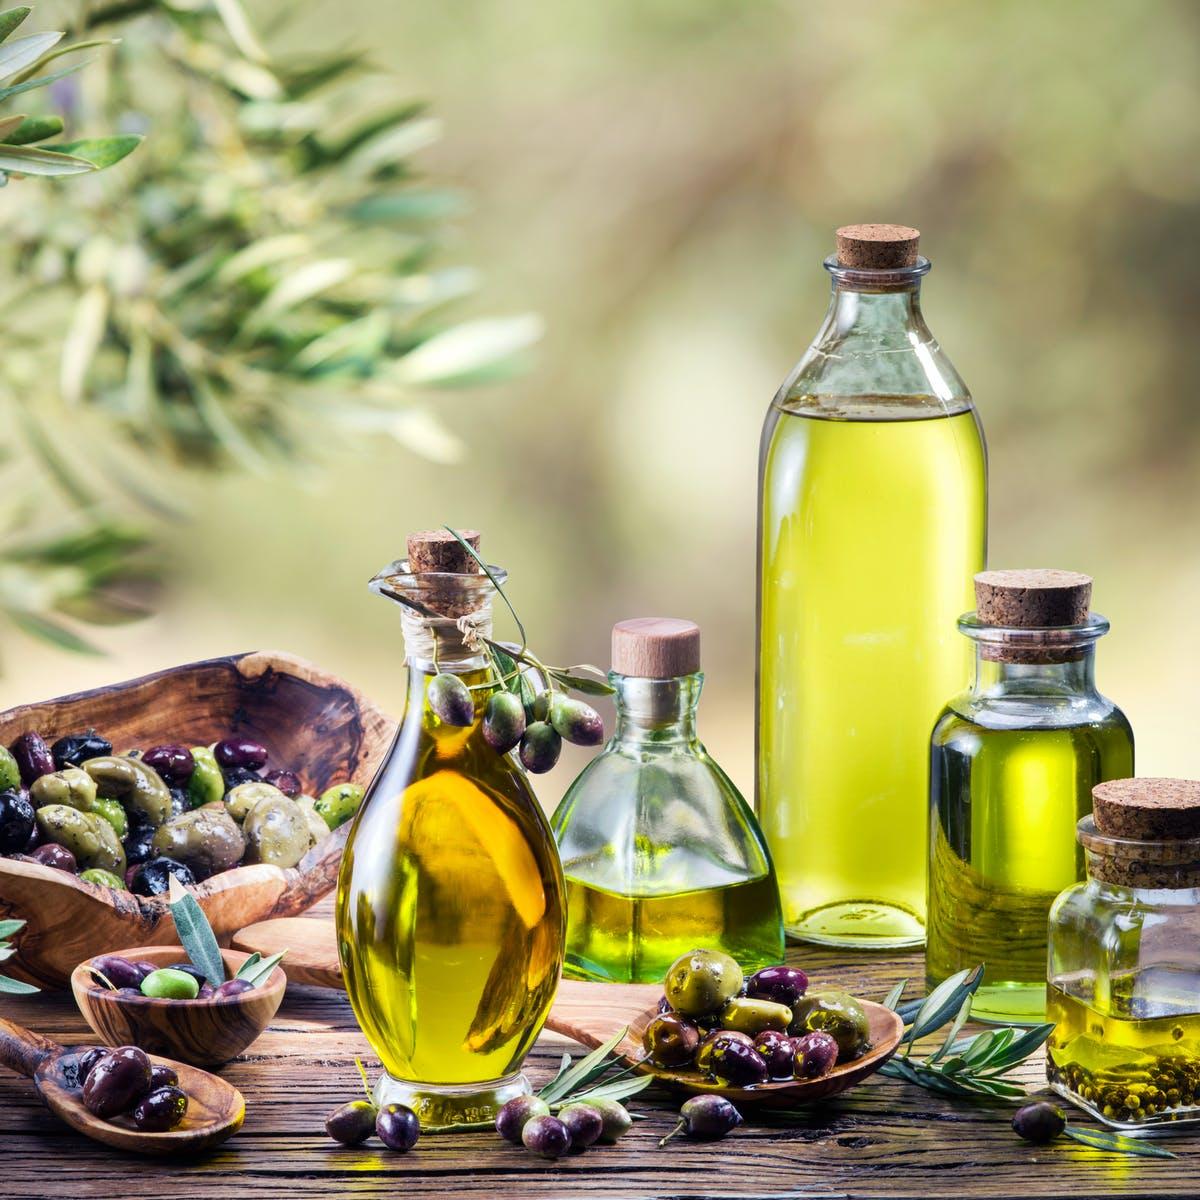 Le Maroc sera le 5ème producteur d'huile d'olive au monde